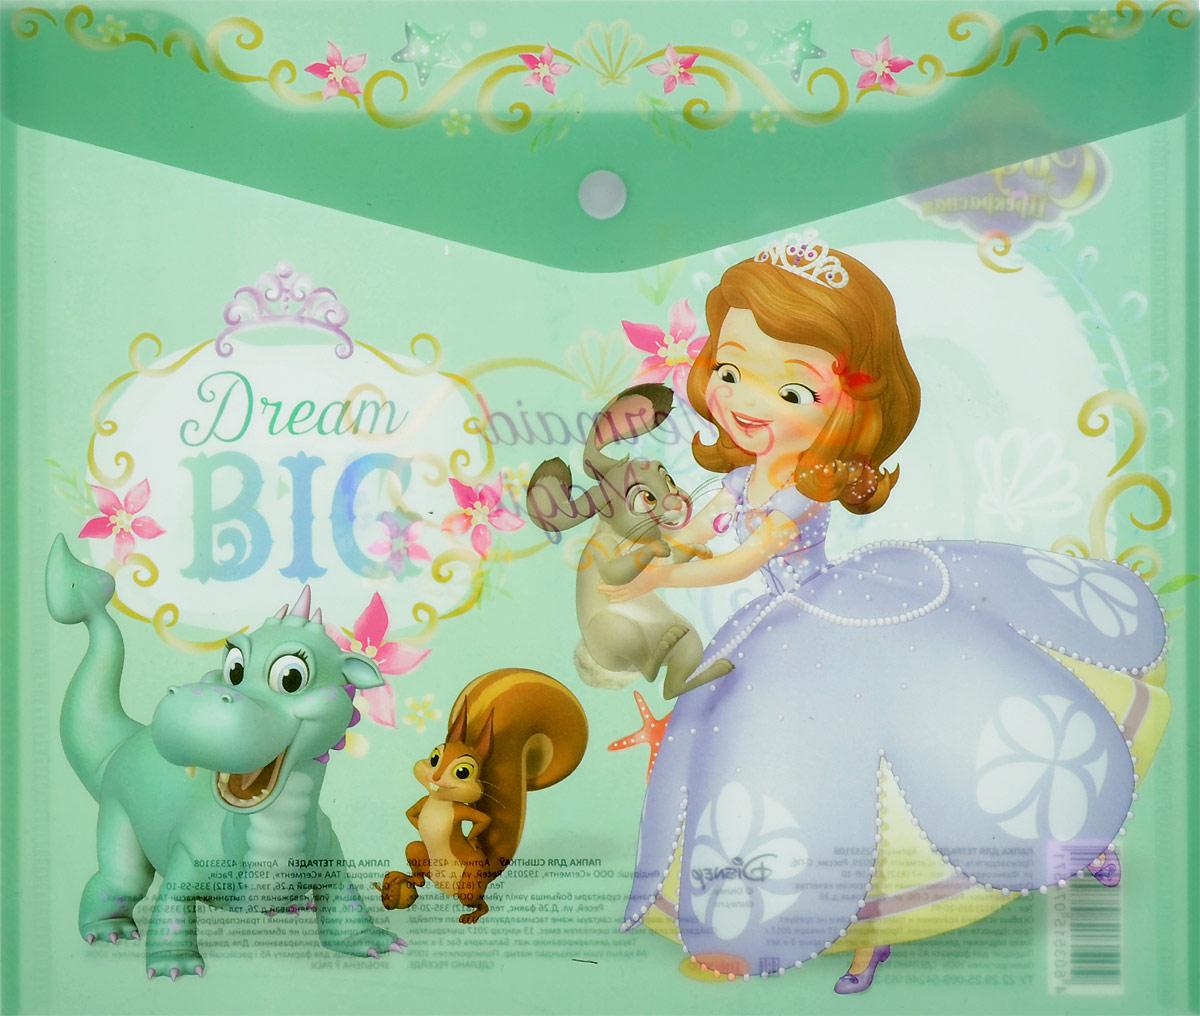 Disney Папка-конверт на кнопке Принцесса Софи формат А5+ 4253310842533108Папка-конверт пластиковая с кнопкой 180 мк под росcийскую тетрадь с дизайном. Формат А5+. Материал - полипропилен. Изготовлена в Санкт-Петербурге. Размер: 25*21см